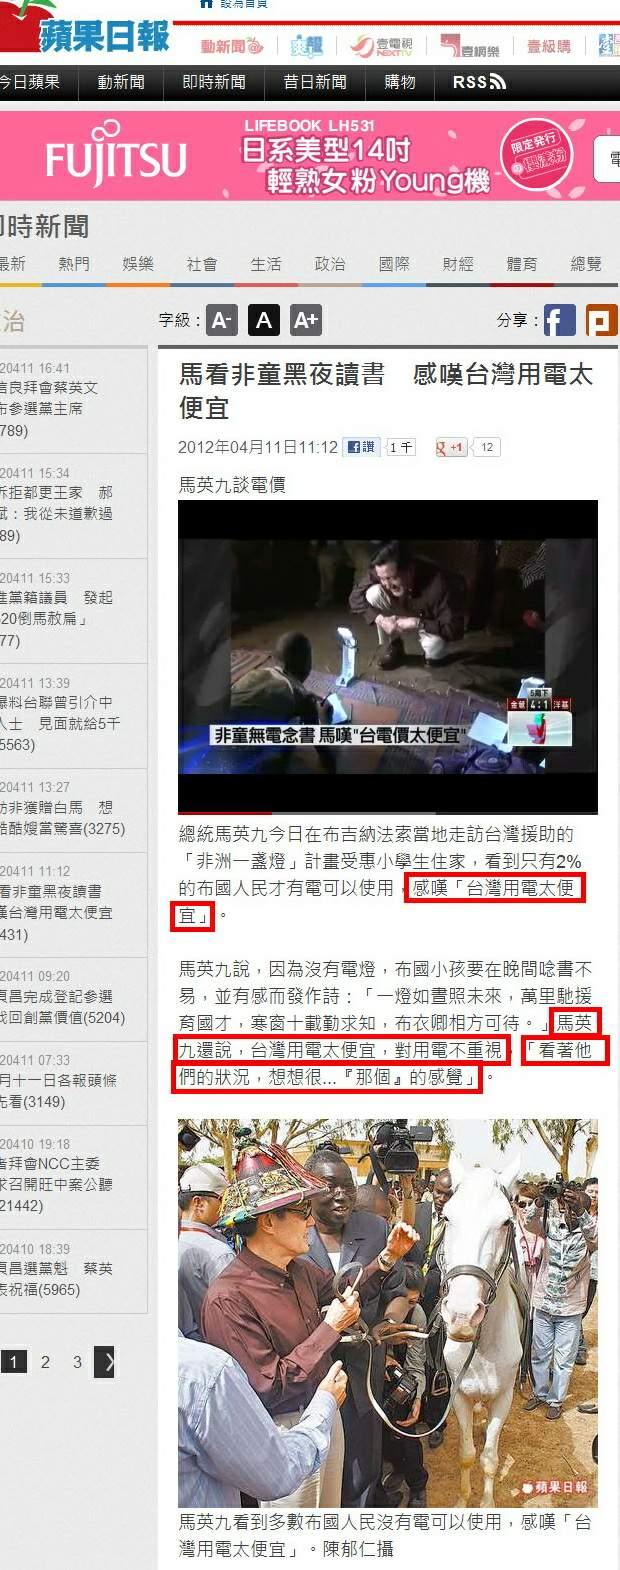 馬看非童黑夜讀書 感嘆台灣用電太便宜-2012.04.11